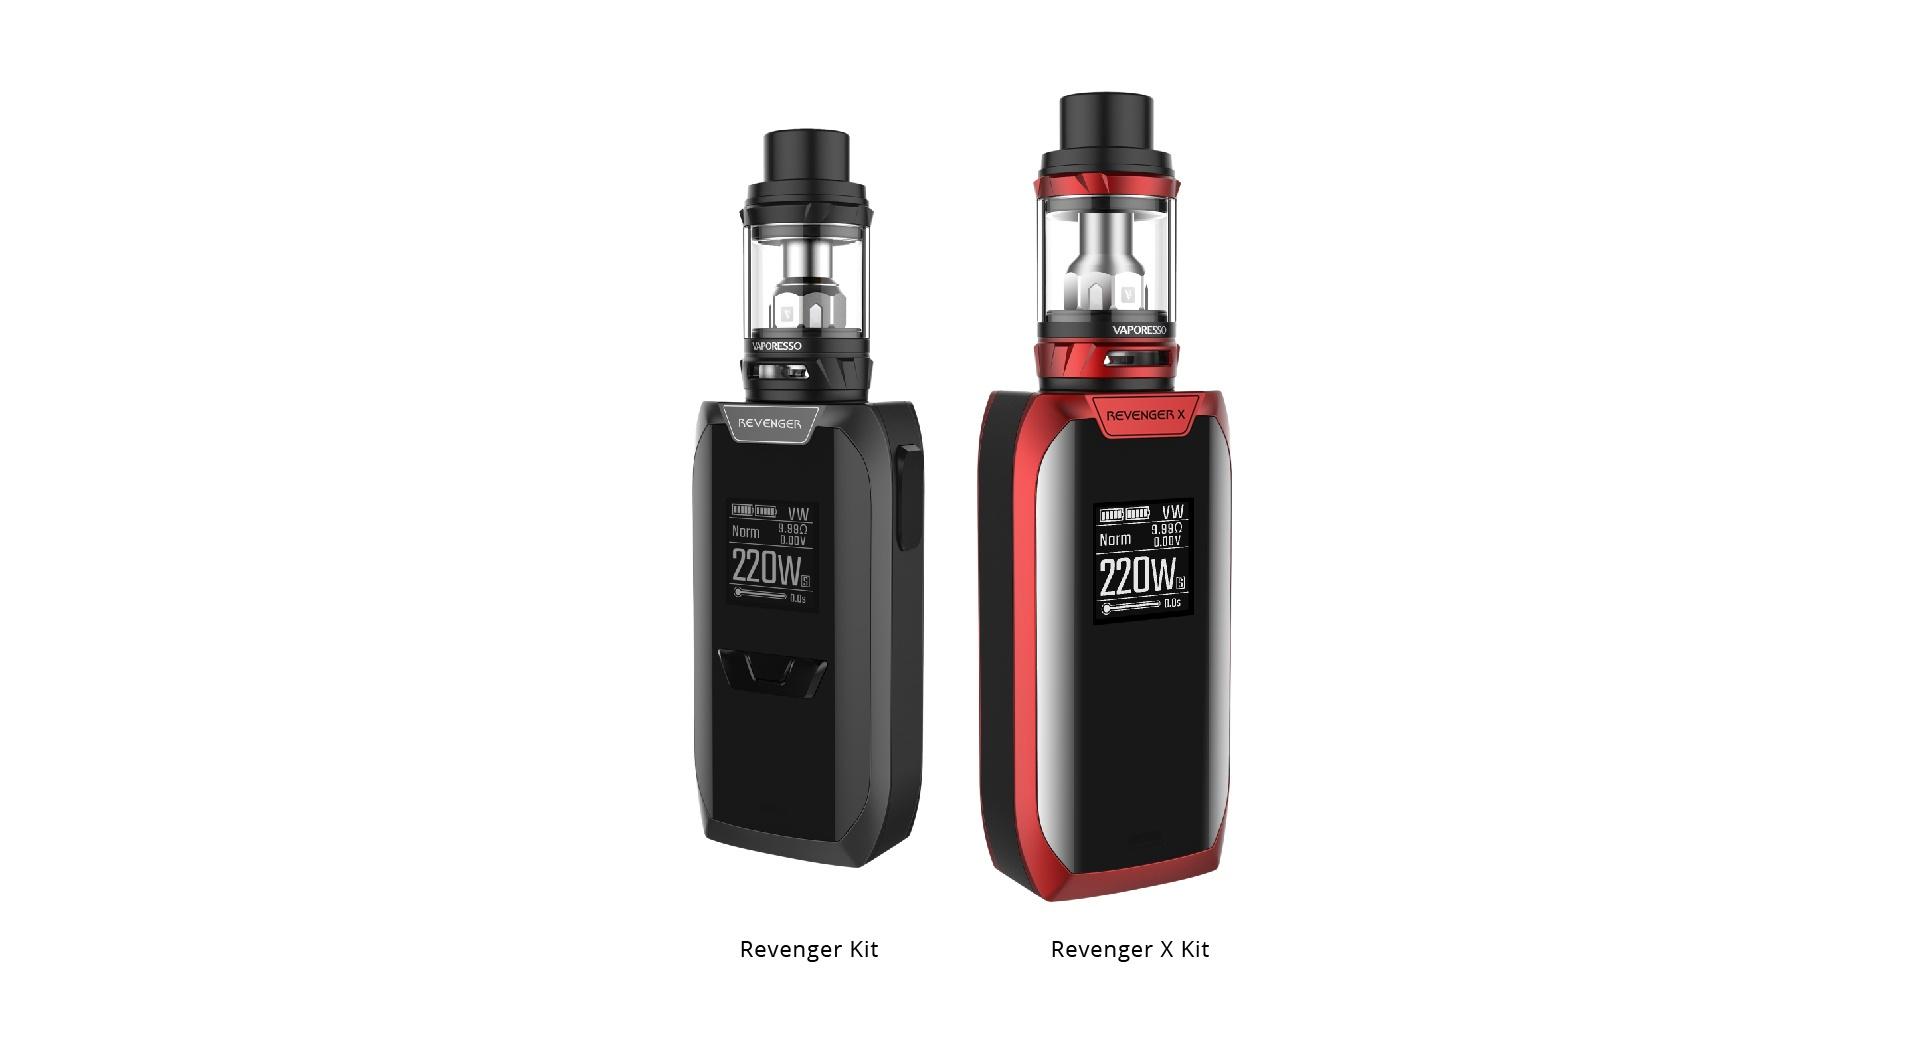 Forskjell mellom Revenger og Revenger X e-sigarett sett